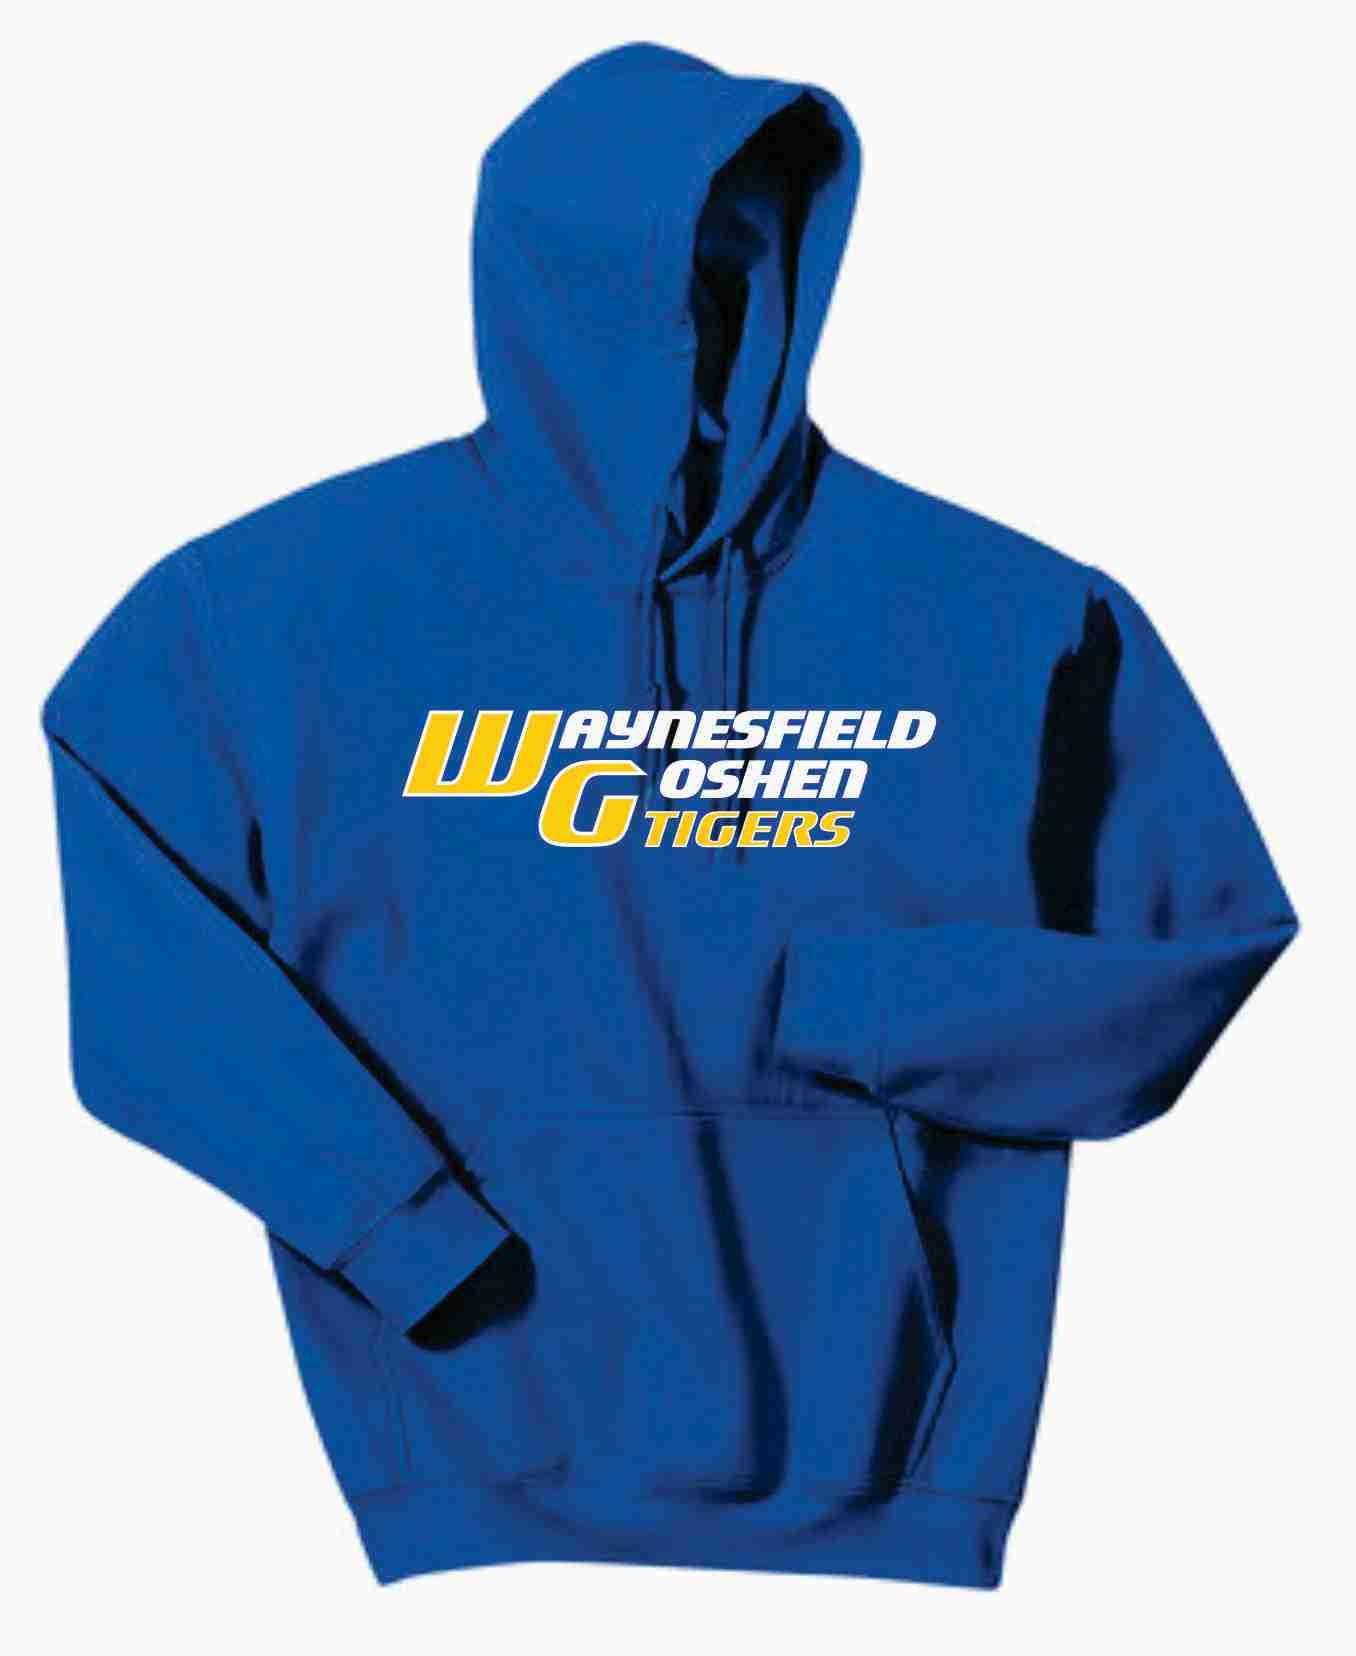 Gildan T185-18500 Gildan Hooded Sweatshirt